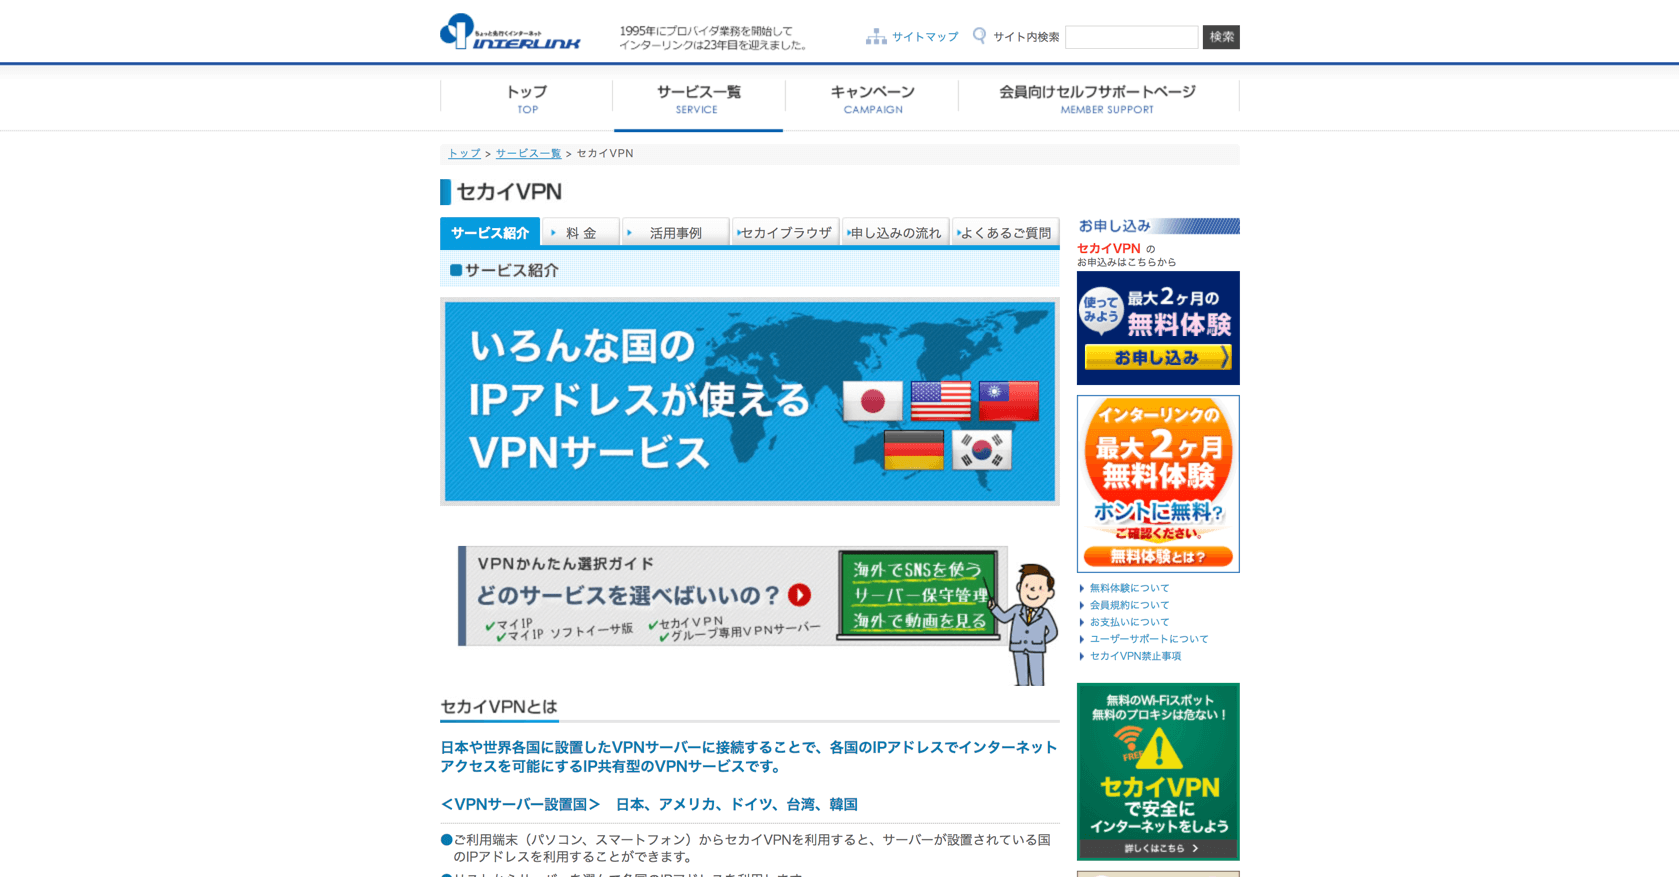 【中国】VPNを初めて使うならセカイVPNがおすすめな9つの理由 ...